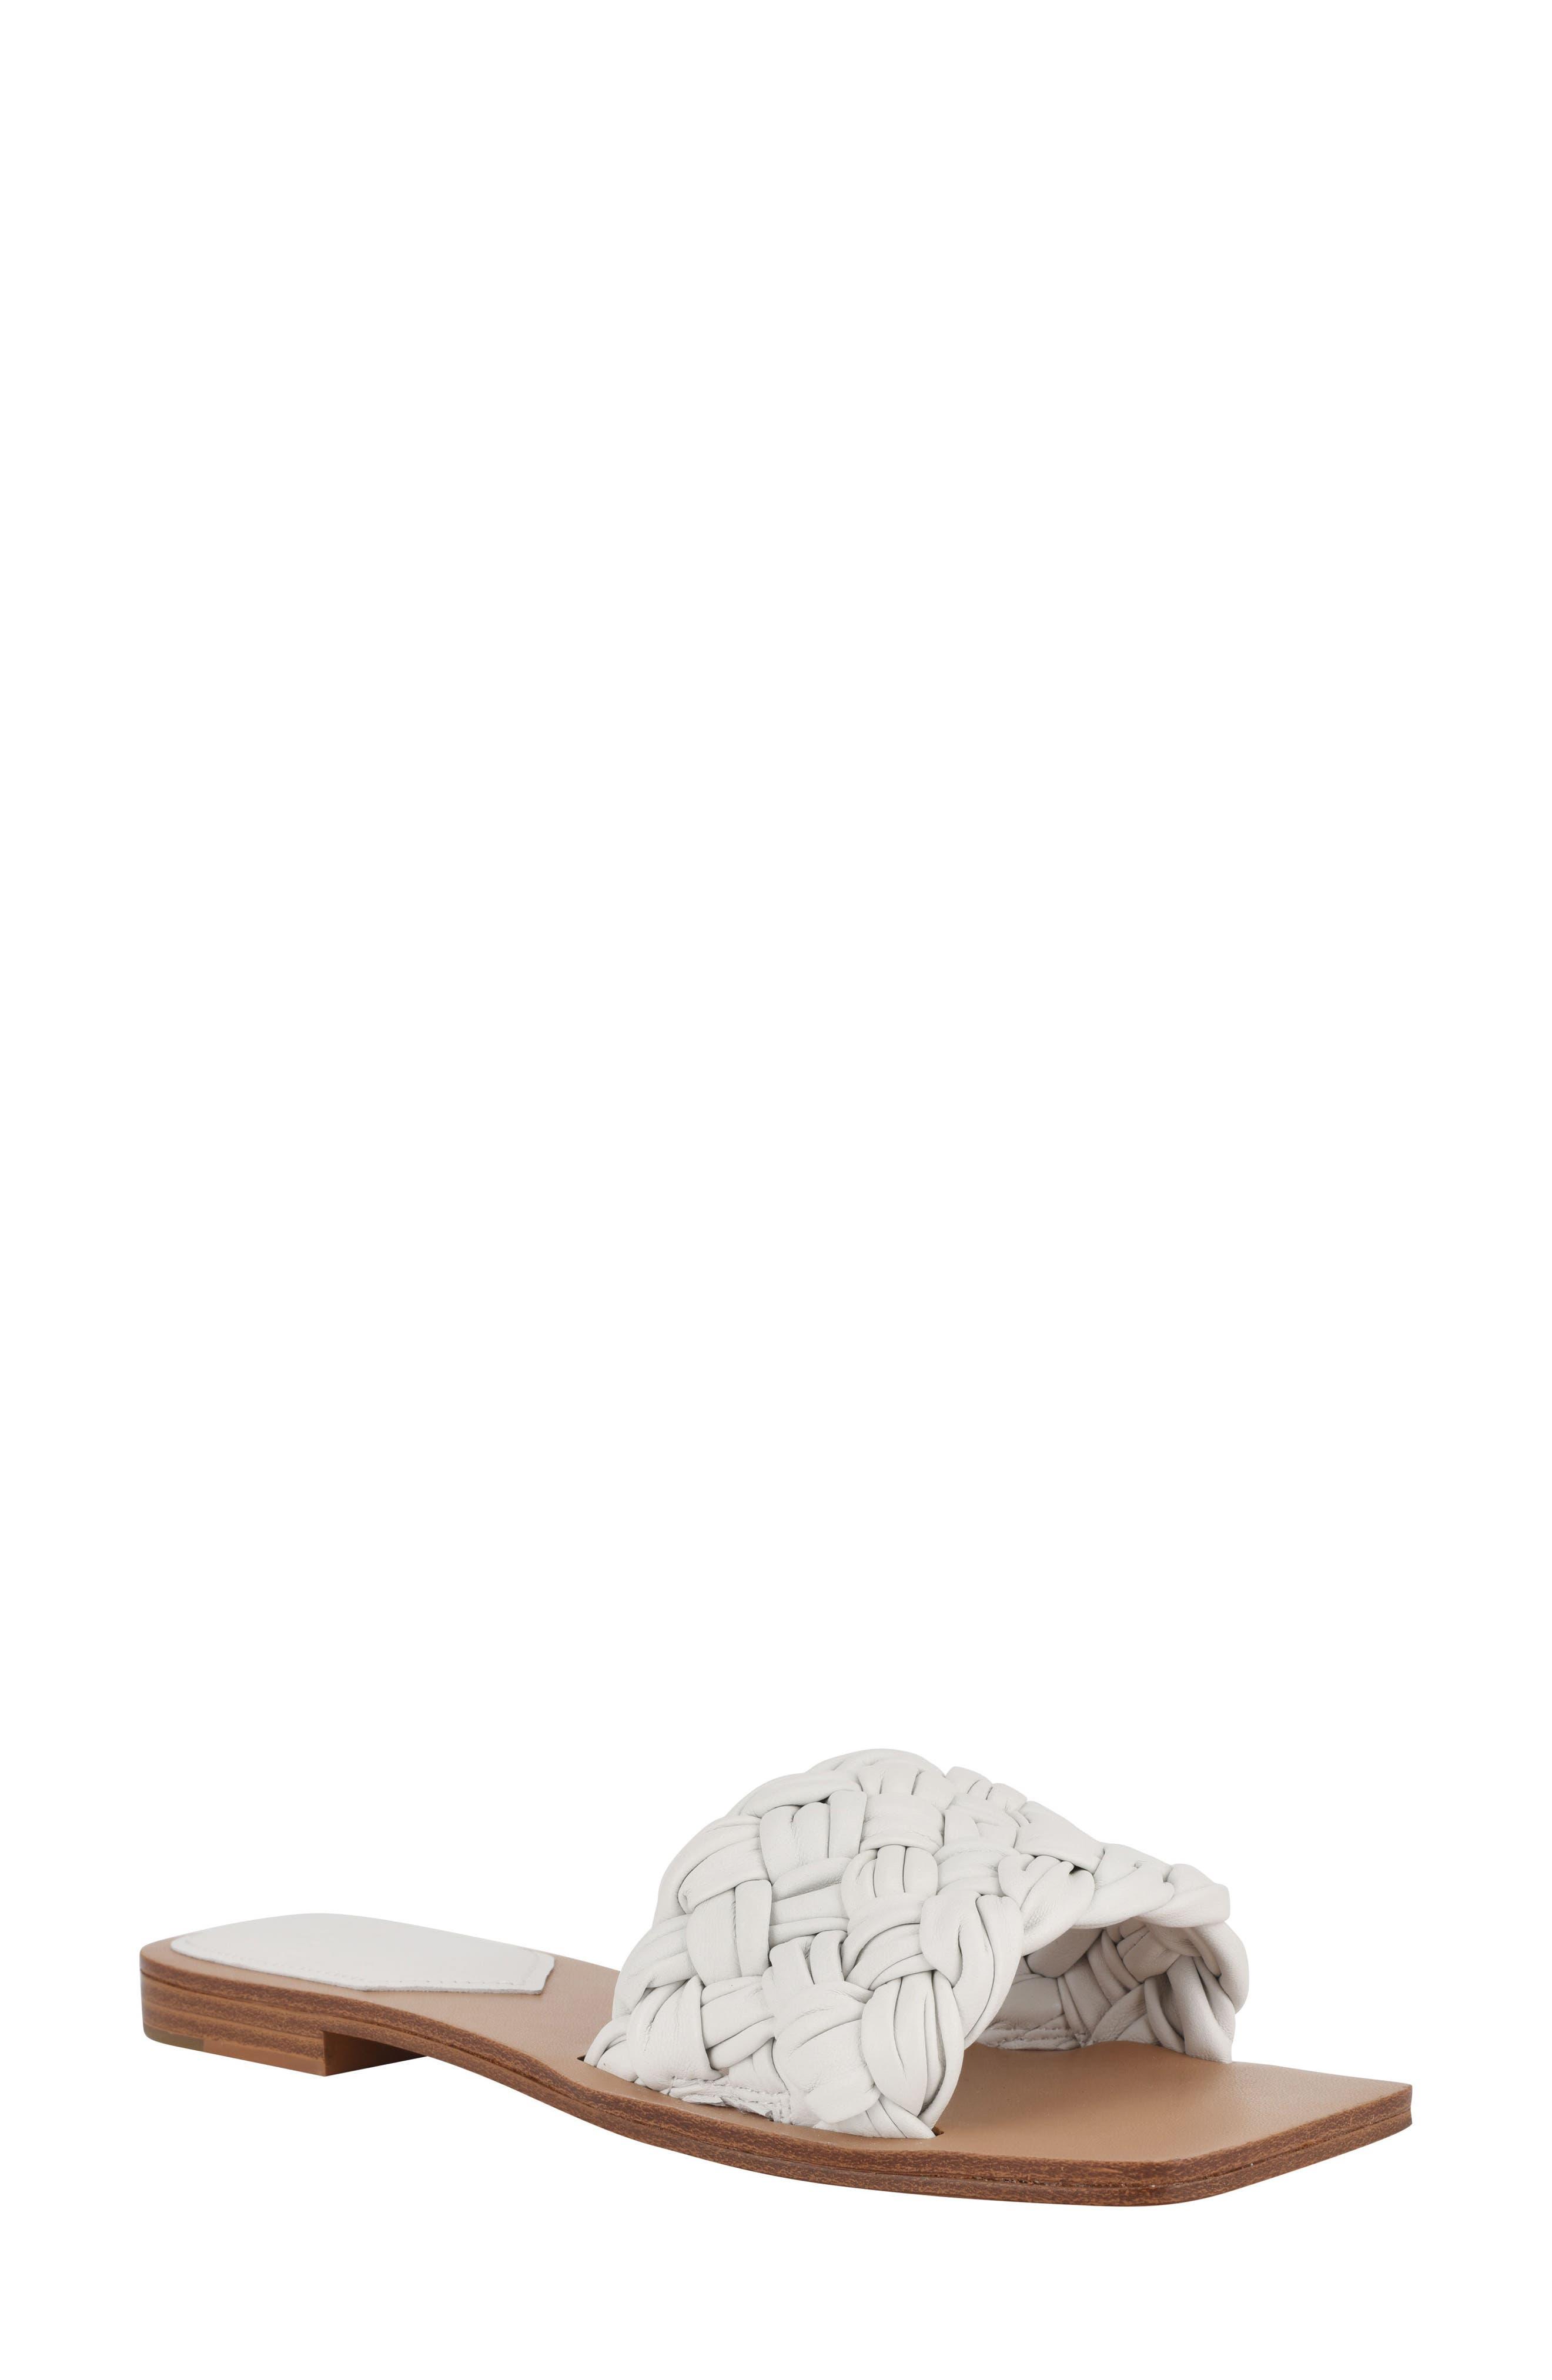 Reanna Slide Sandal